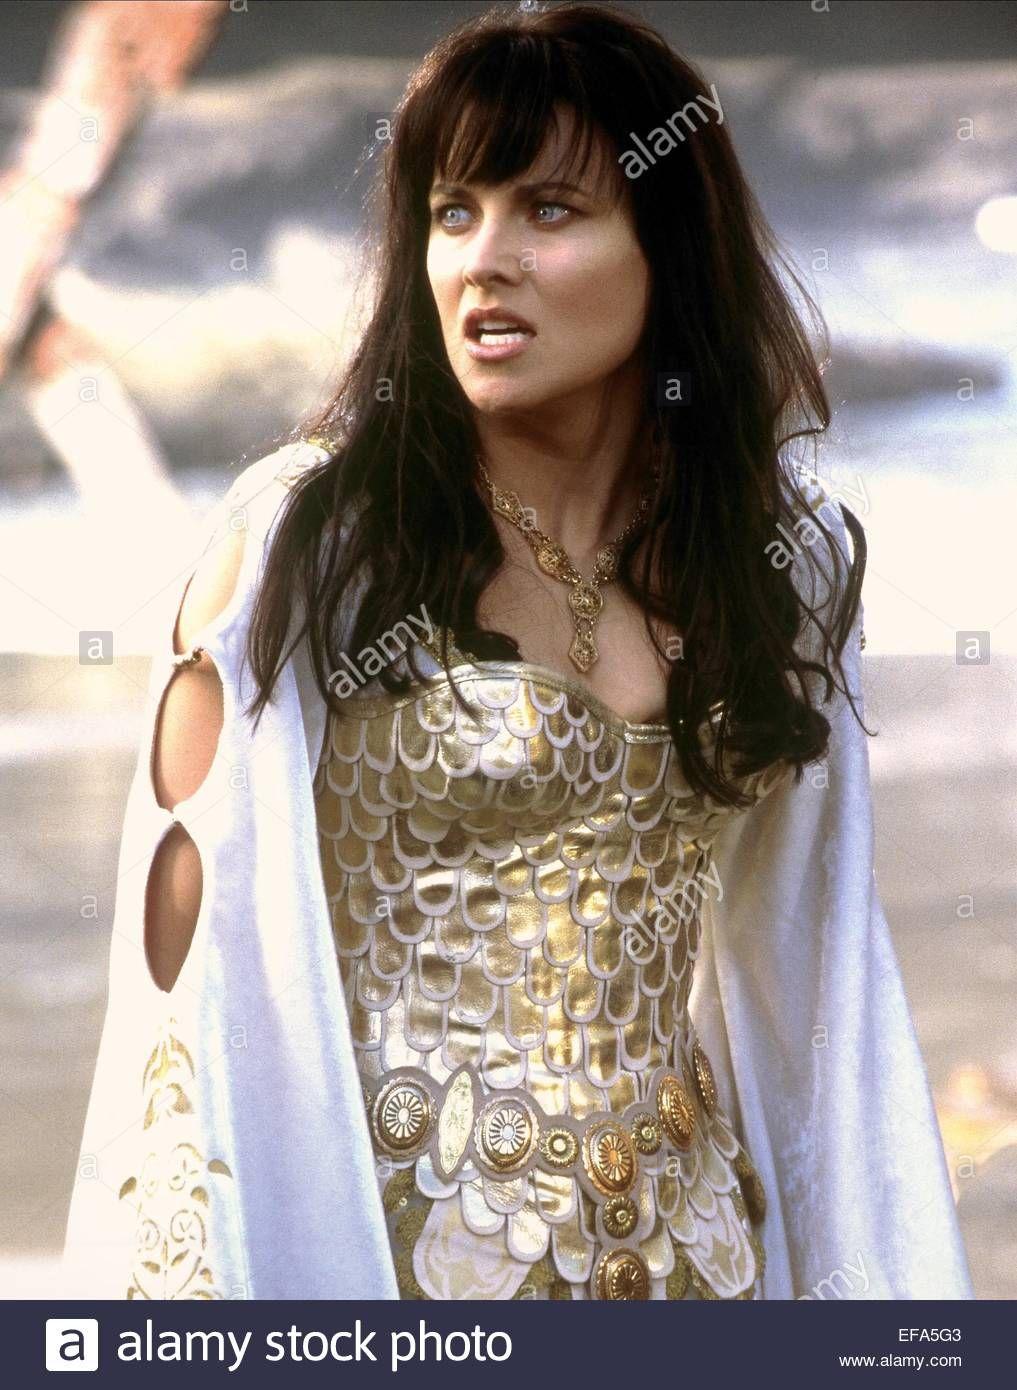 Warrior princess, Xena warrior princess, Renée oconnor